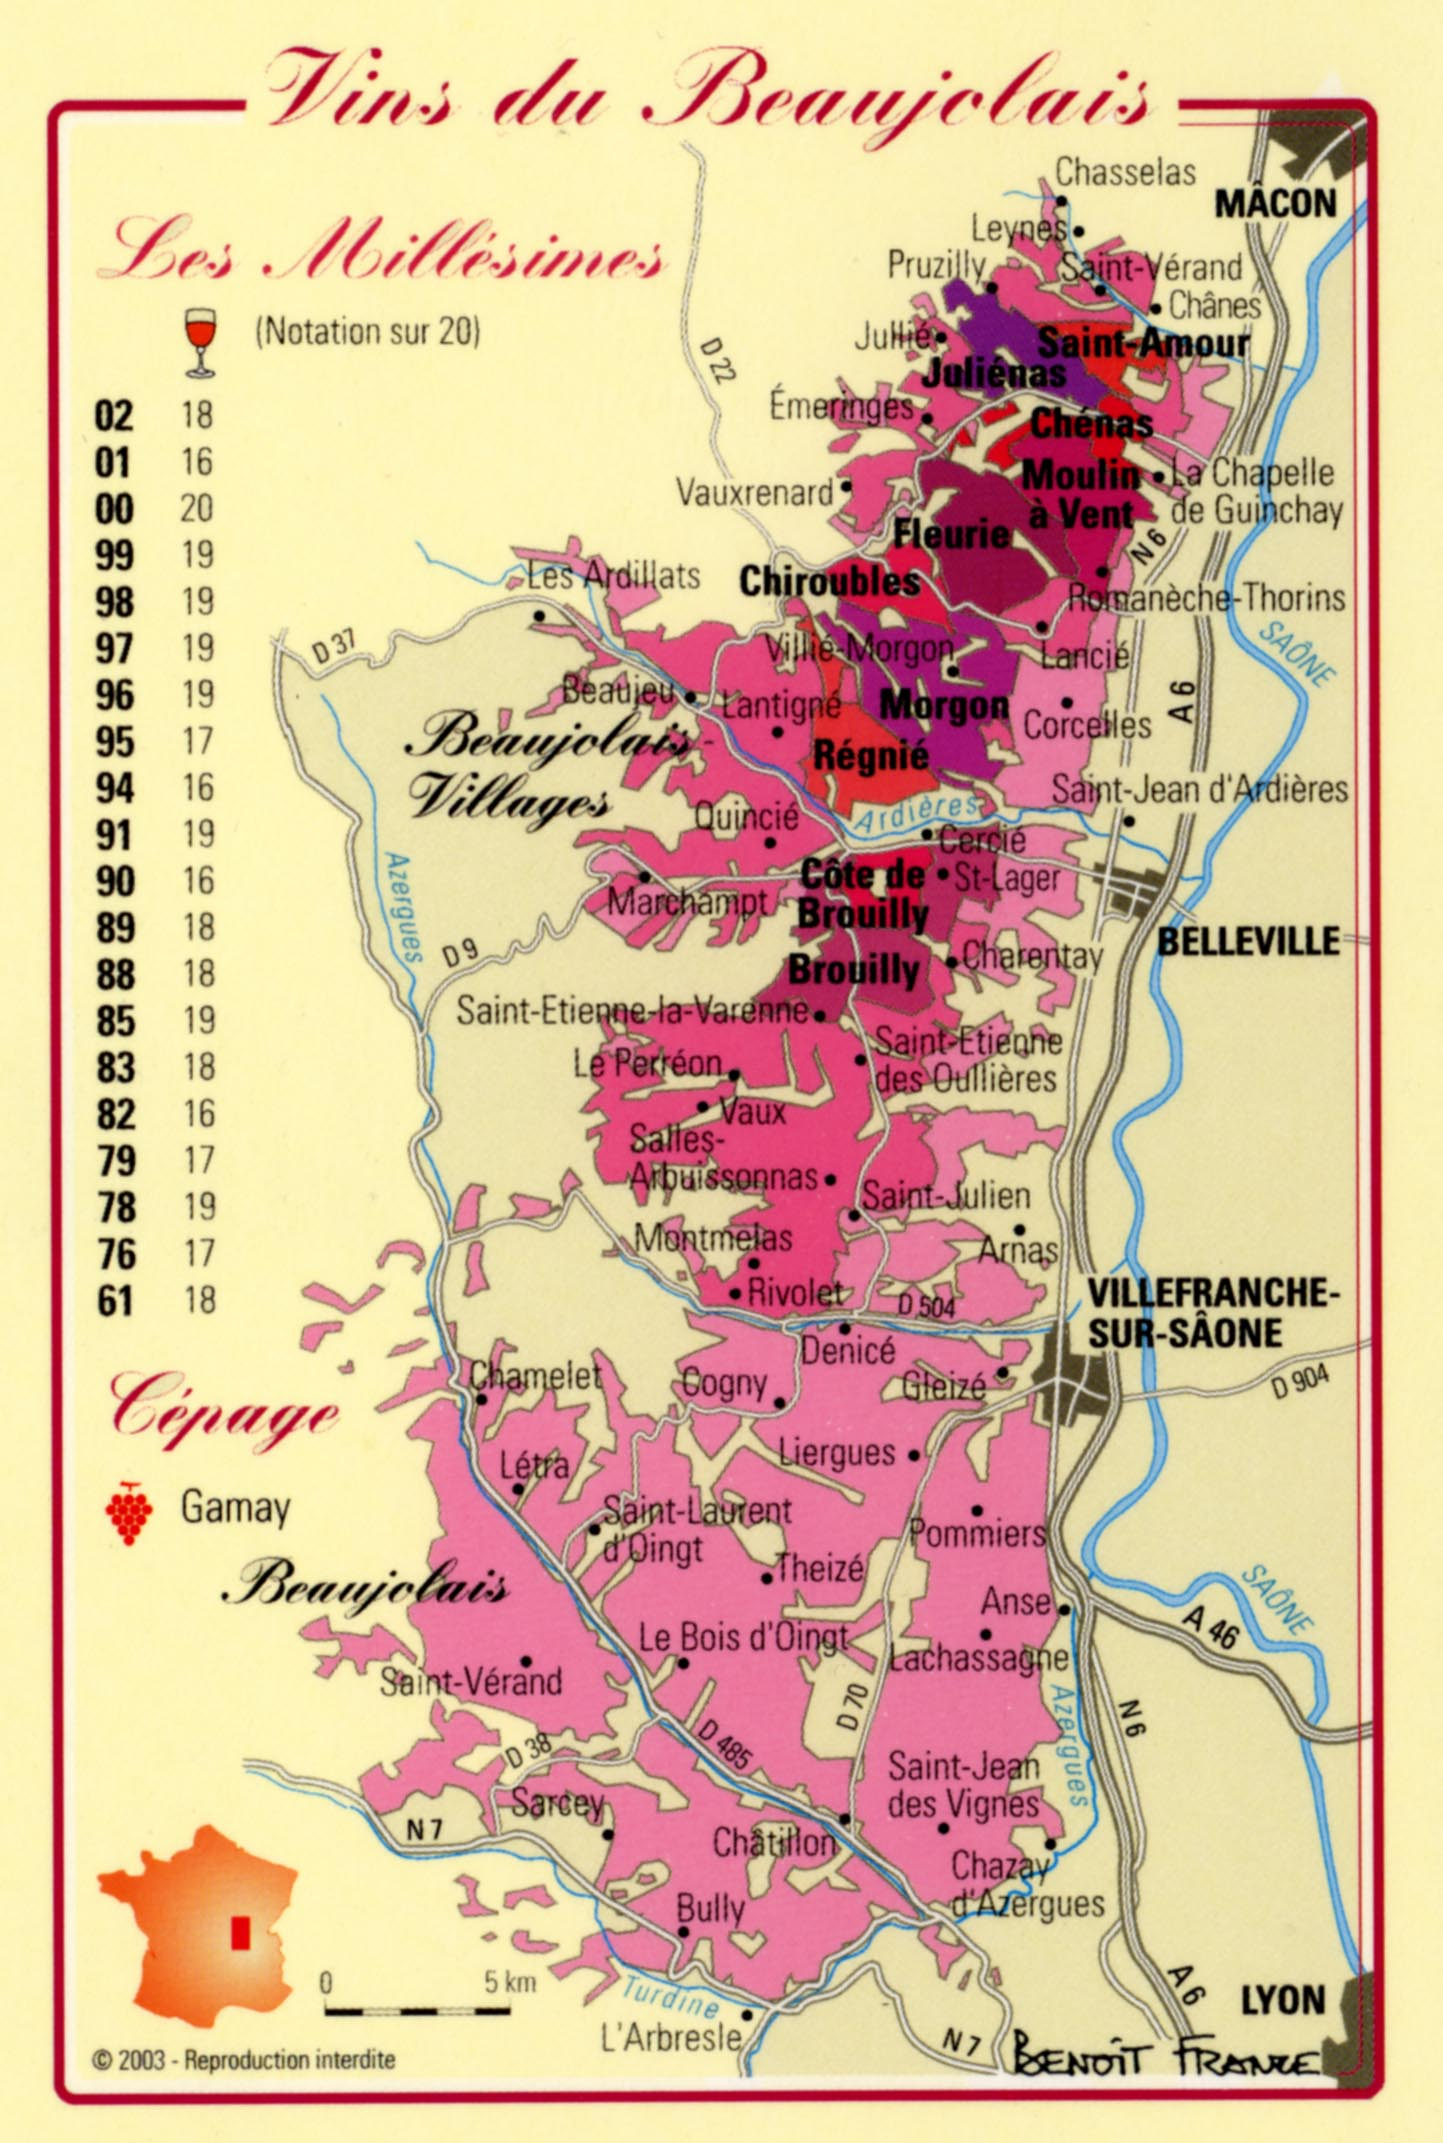 Une carte du Beaujolais